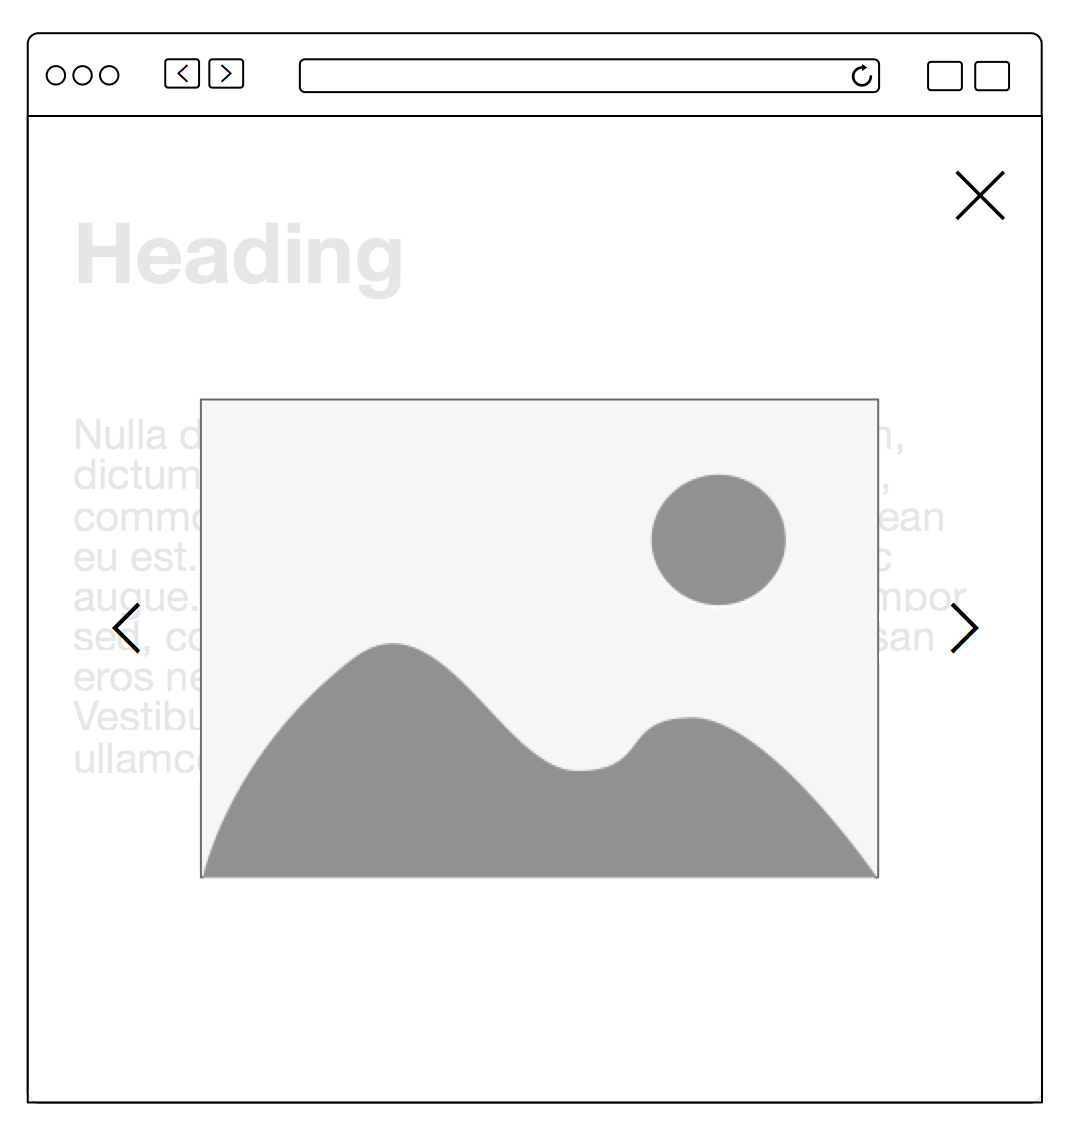 モーダルウィンドウの中に画像切り替え機能が加わったイメージ。